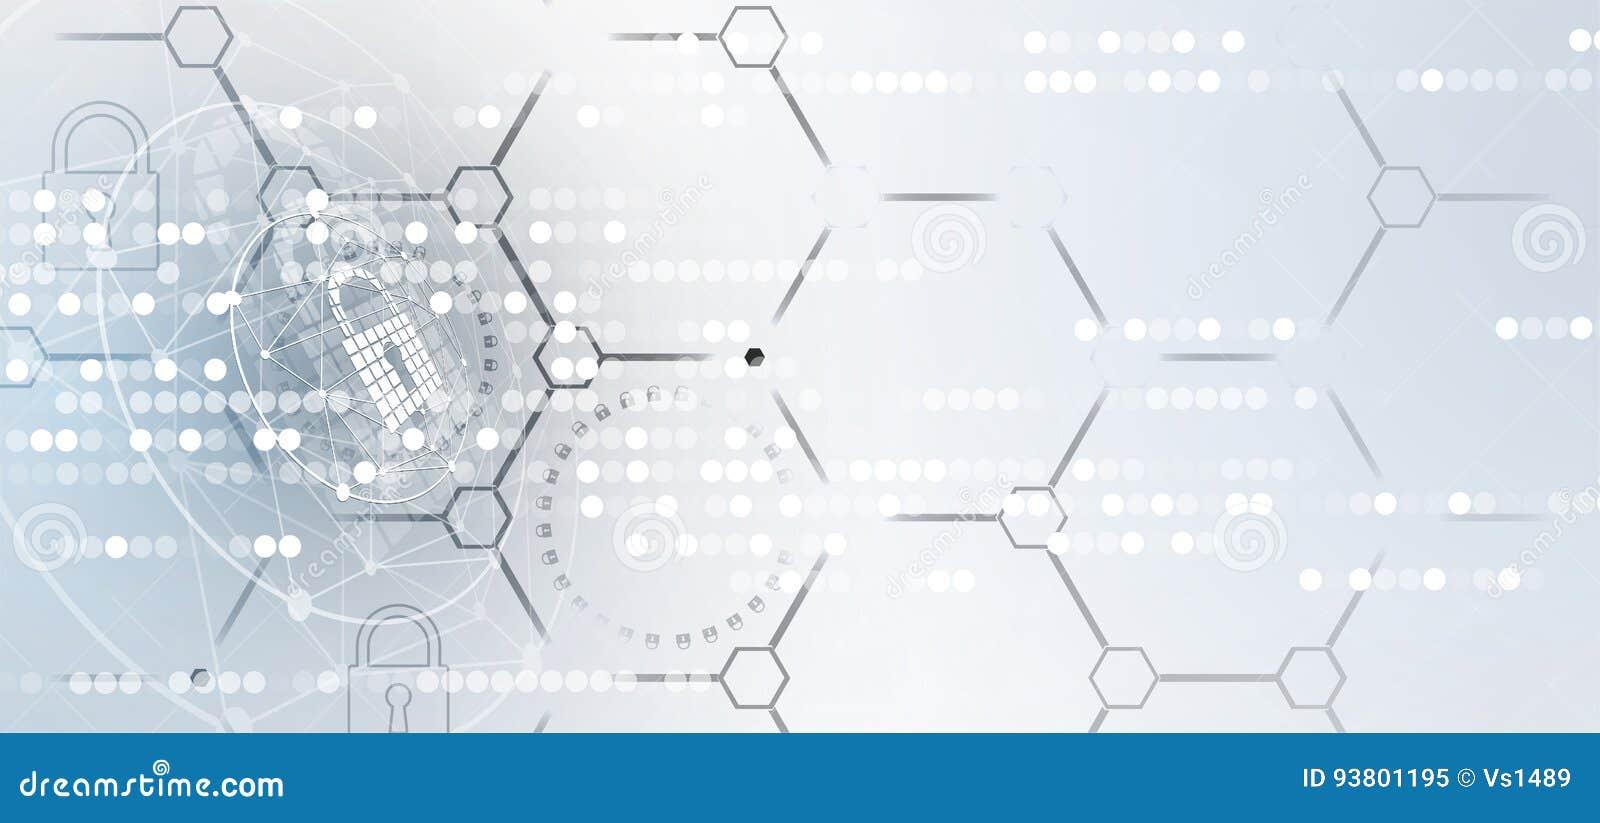 Cybersäkerhet och informations- eller nätverksskydd Teknisk framtid